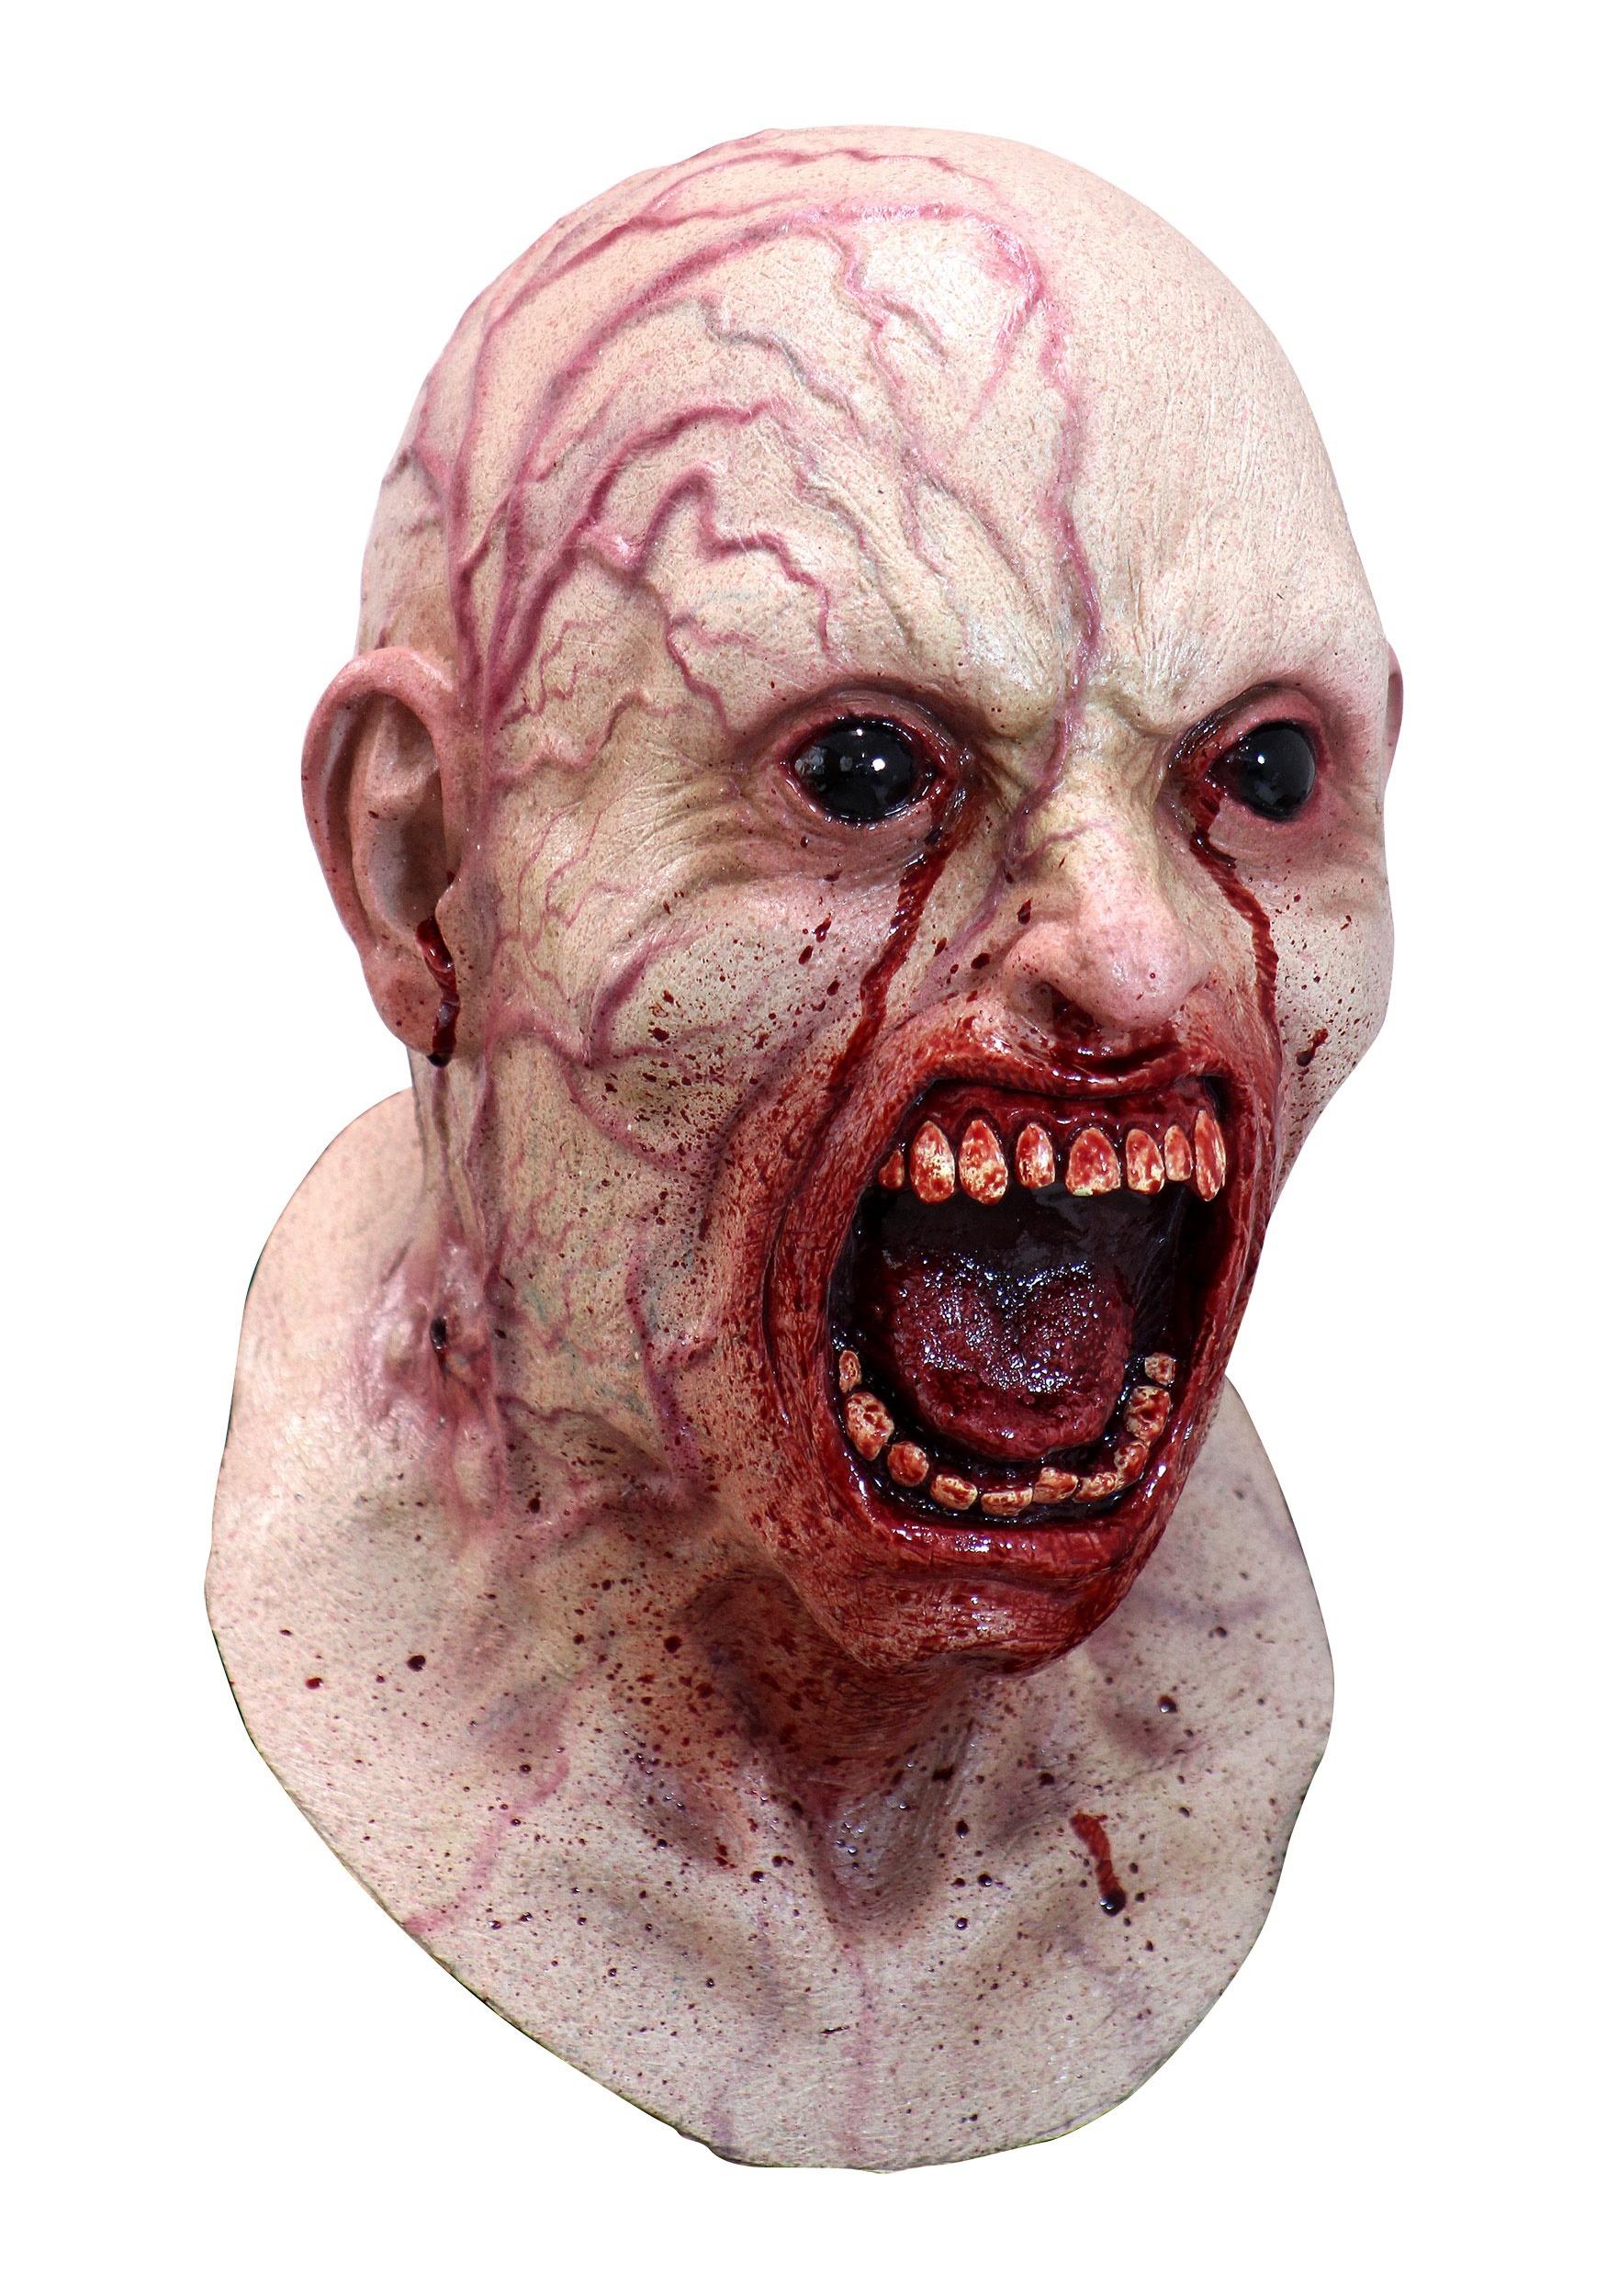 Infected Halloween Costume